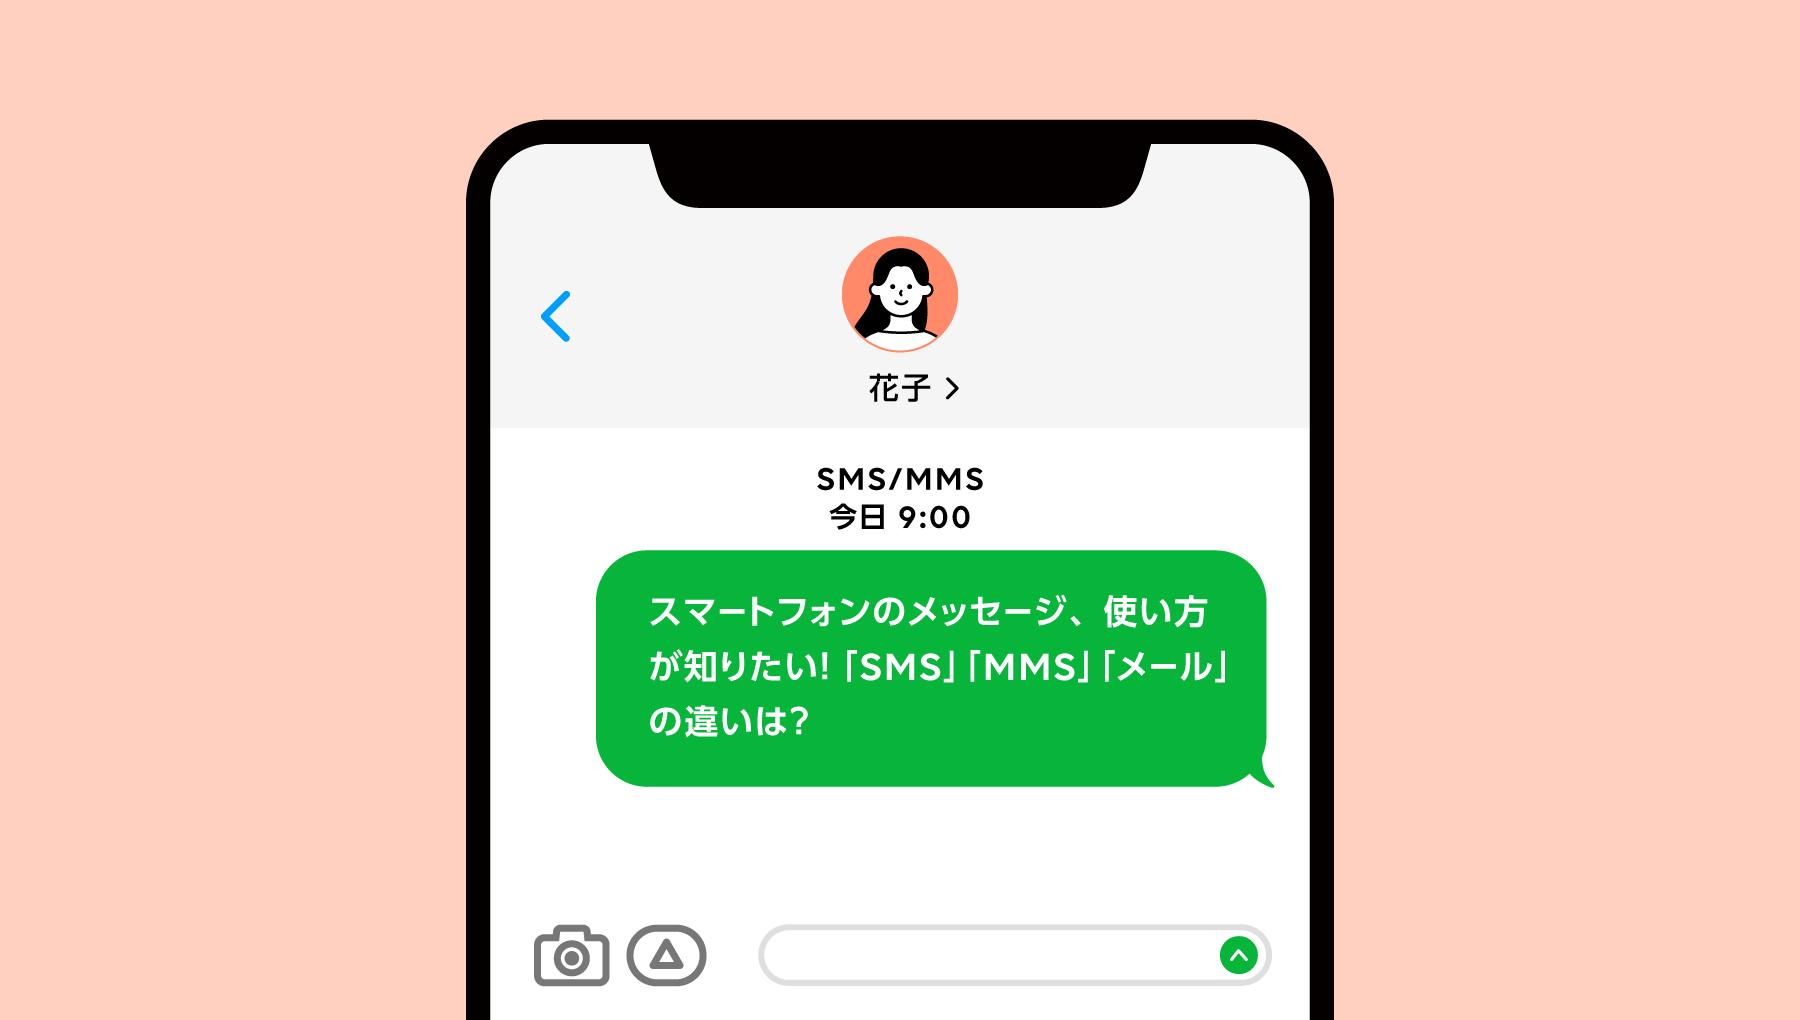 スマートフォンのメッセージ、使い方が知りたい!「SMS」「MMS」「メール」「iMessage」の違いは?